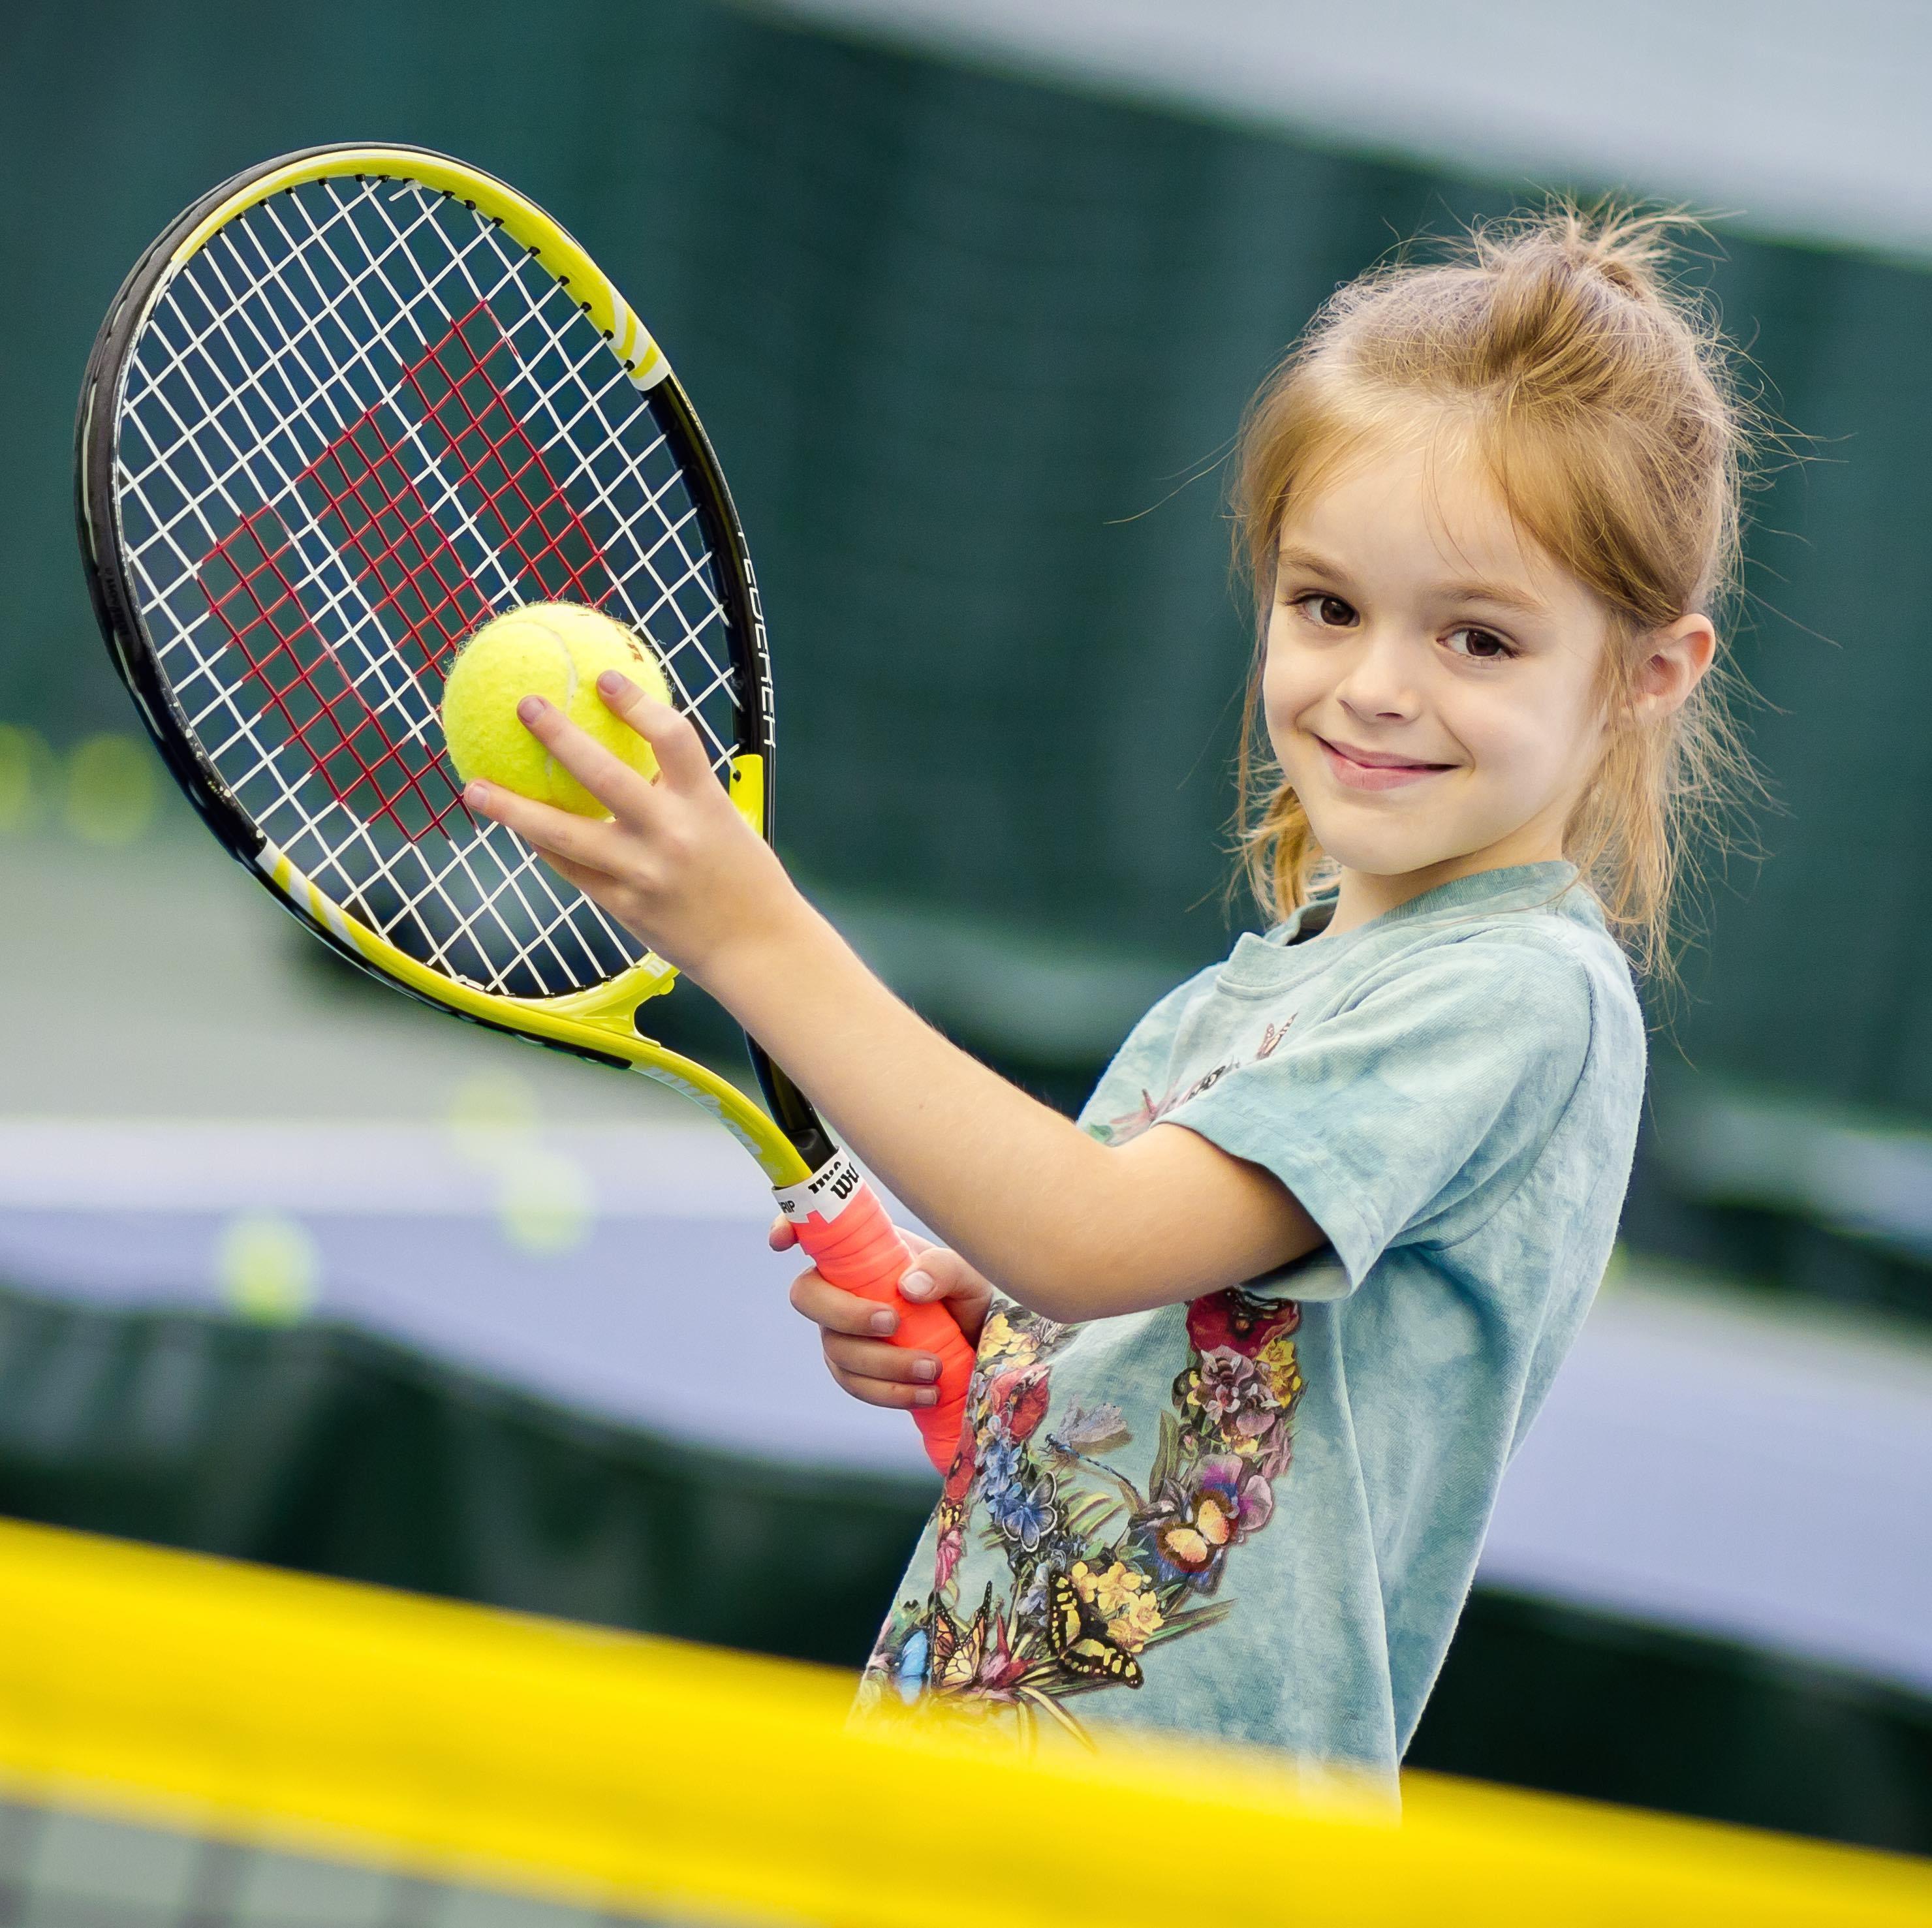 Спортивные секции для девочек 4-7 лет